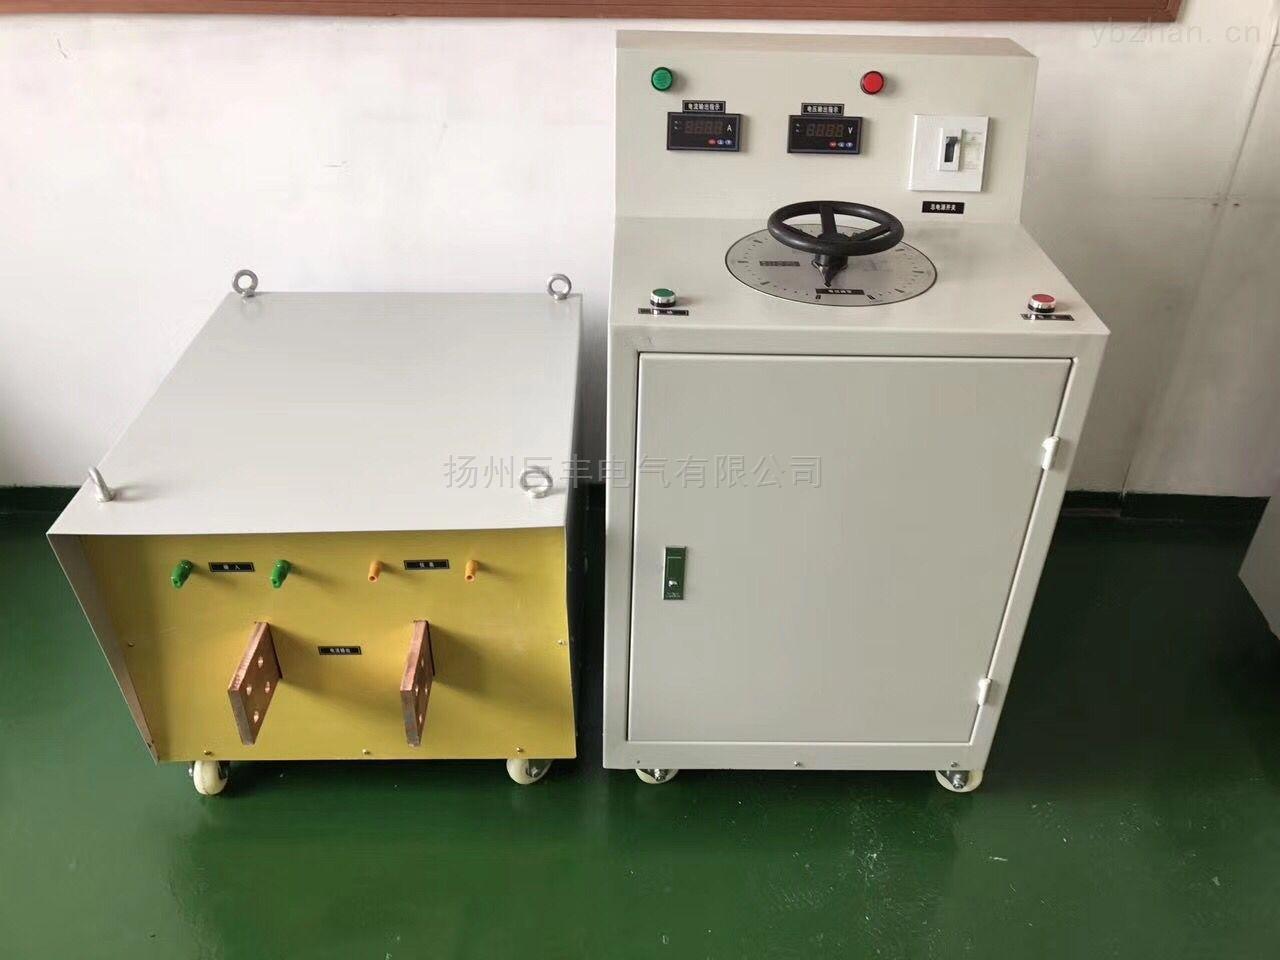 大电流发生器升流器长时间工作